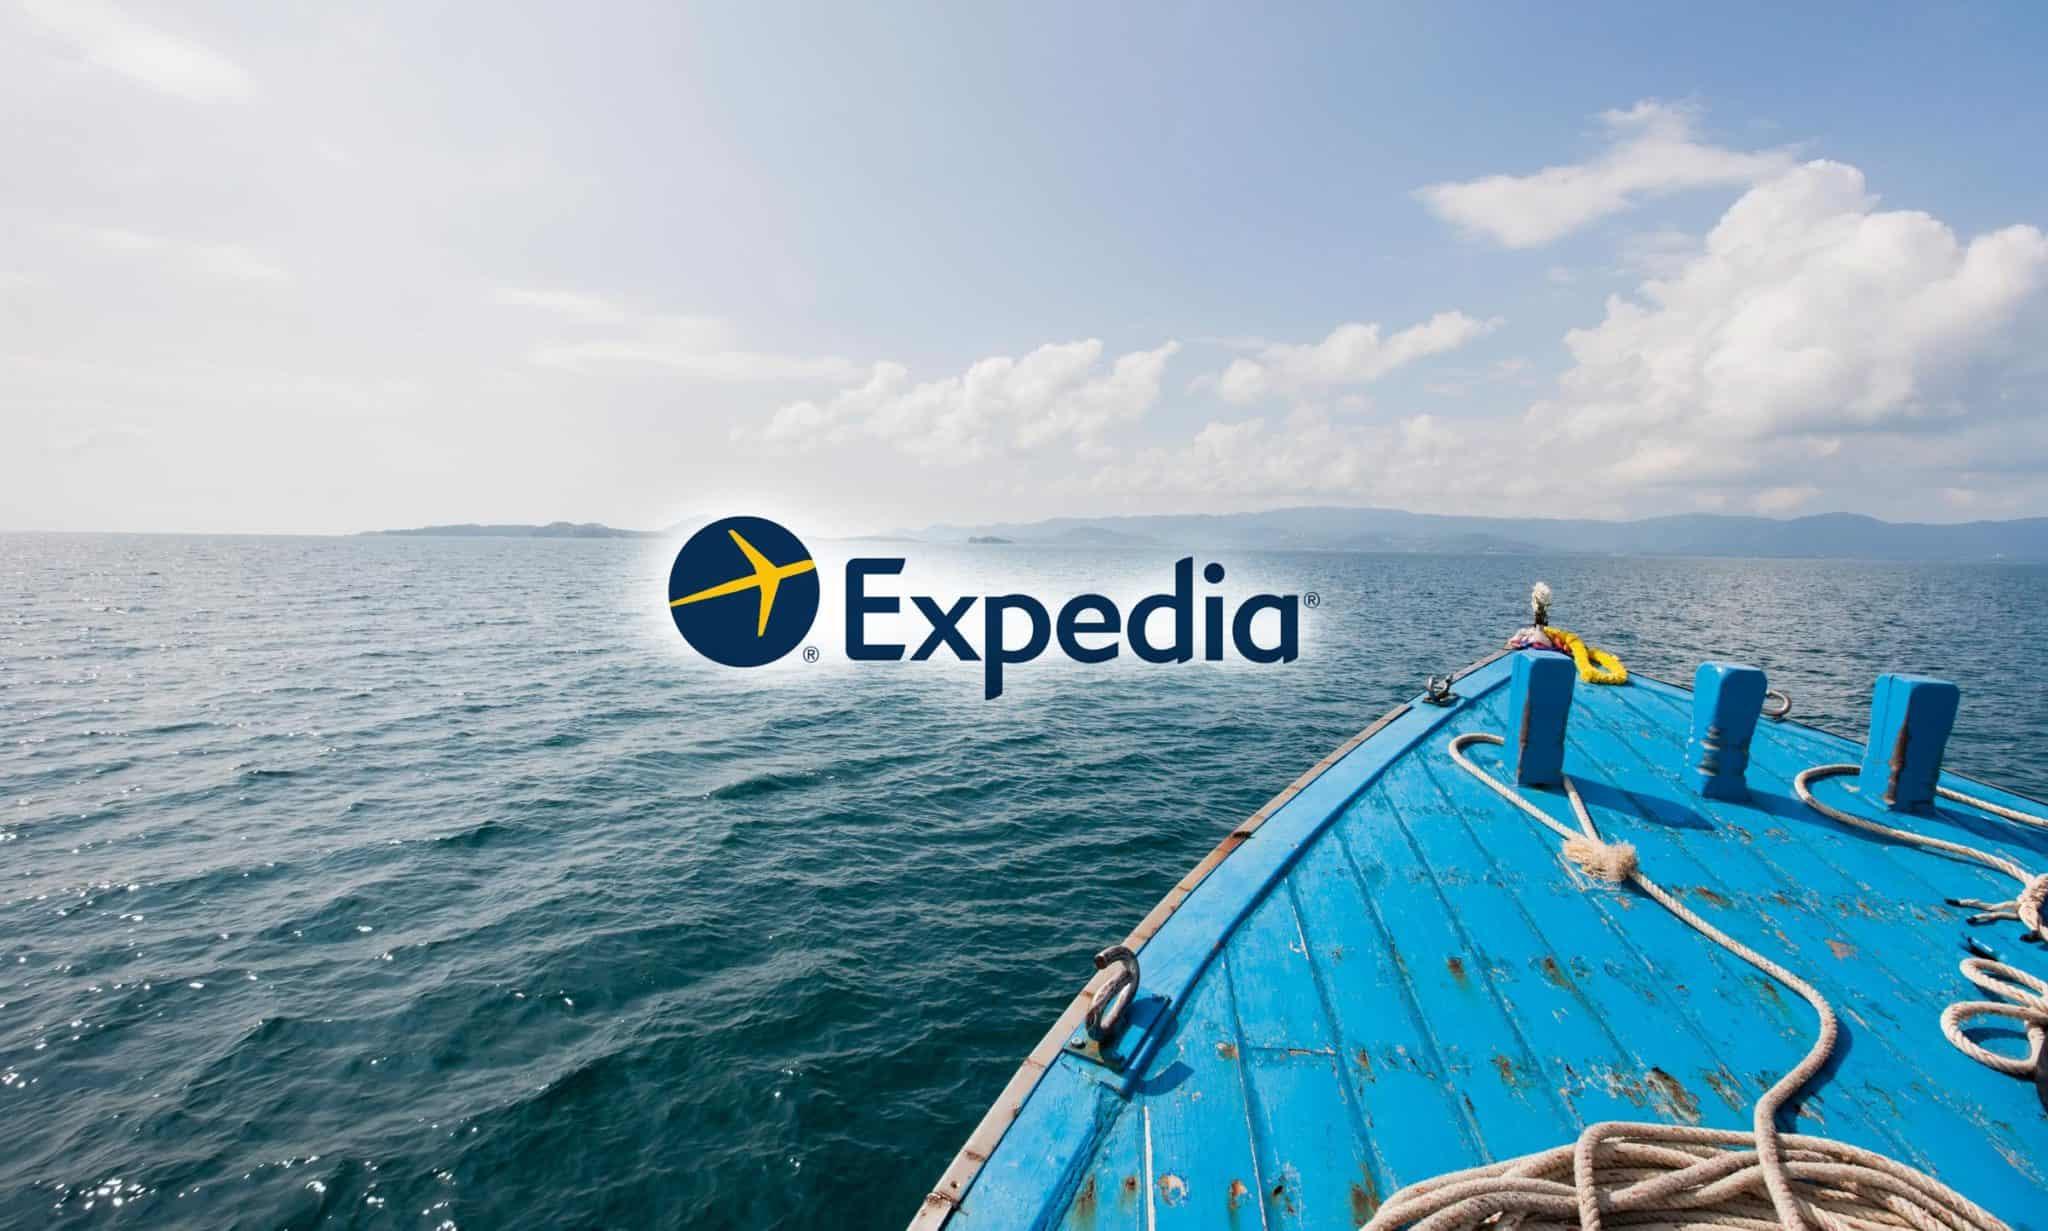 [2017年10月] Expedia酒店預訂優惠代碼/信用卡慳家優惠懶人包@香港